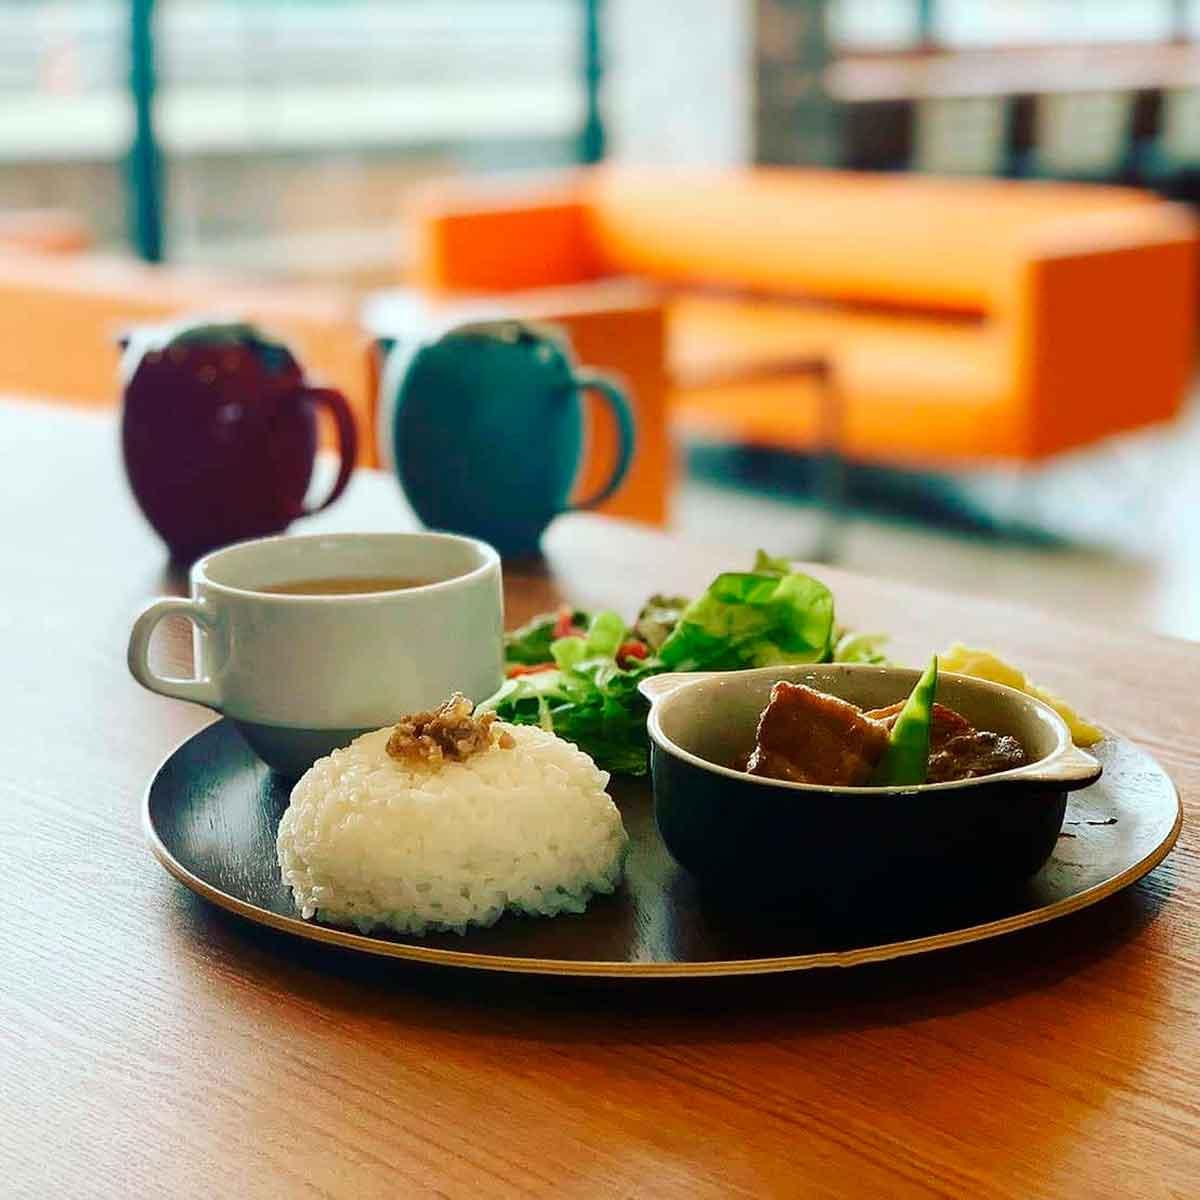 [出雲市オープン]朝活・ランチ・カフェも!『ヒナタバコ』でひと休み